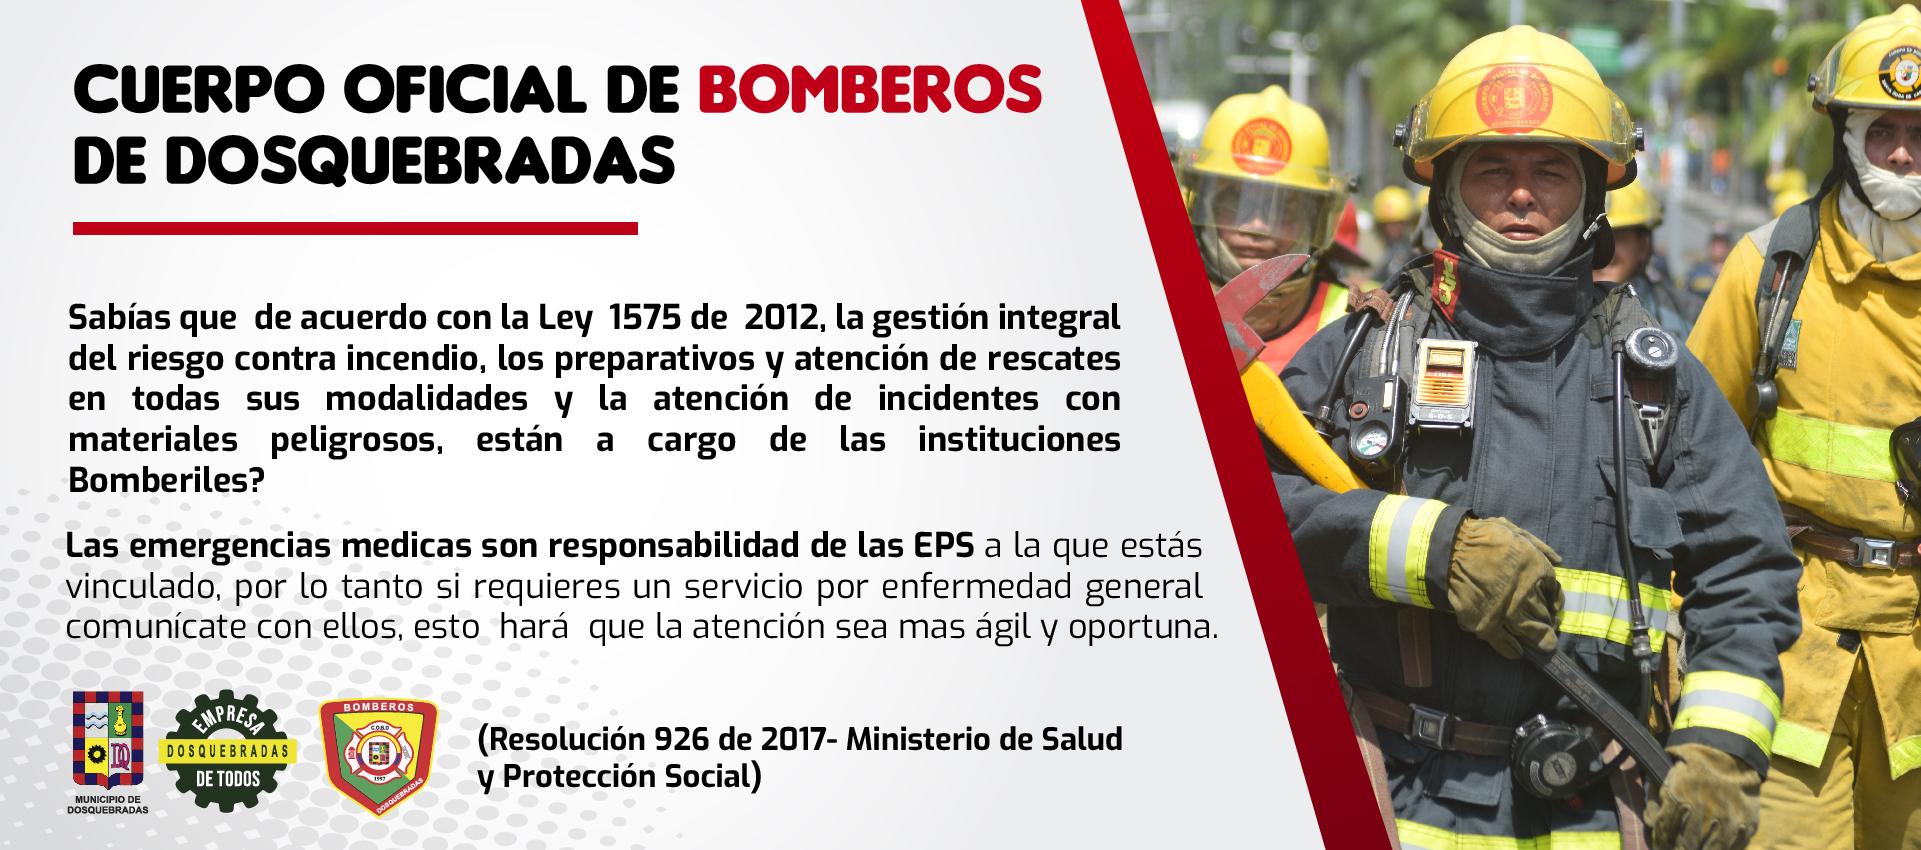 Las emergencias medicas están a cargo de las EPS